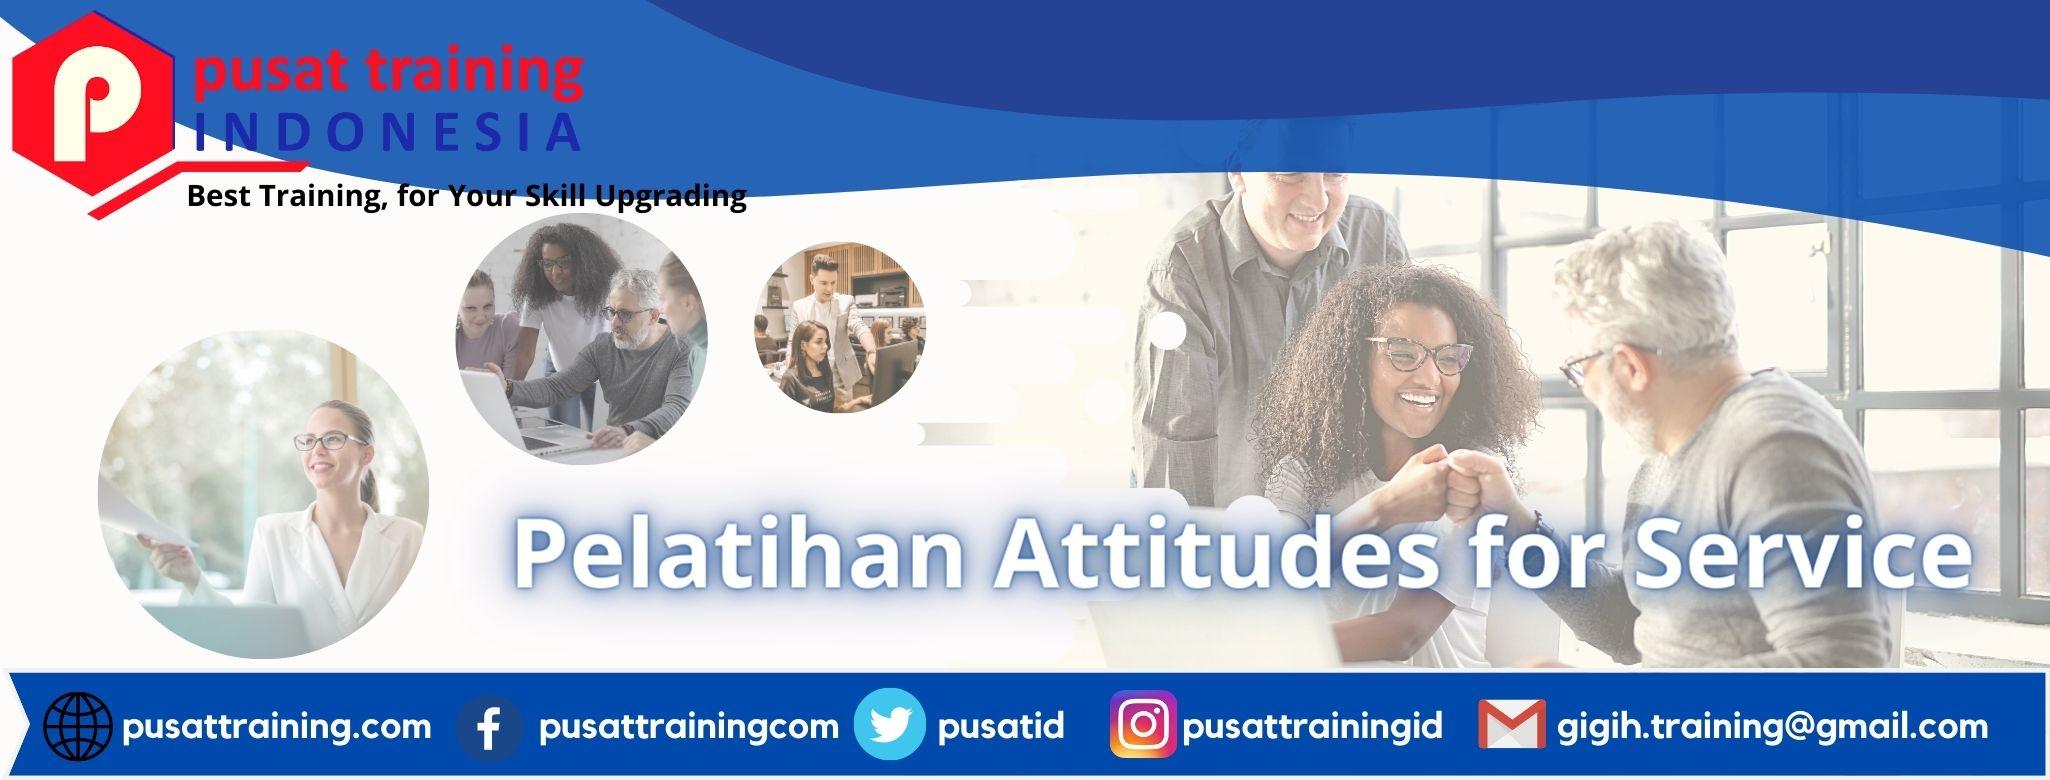 Pelatihan Attitudes for Service